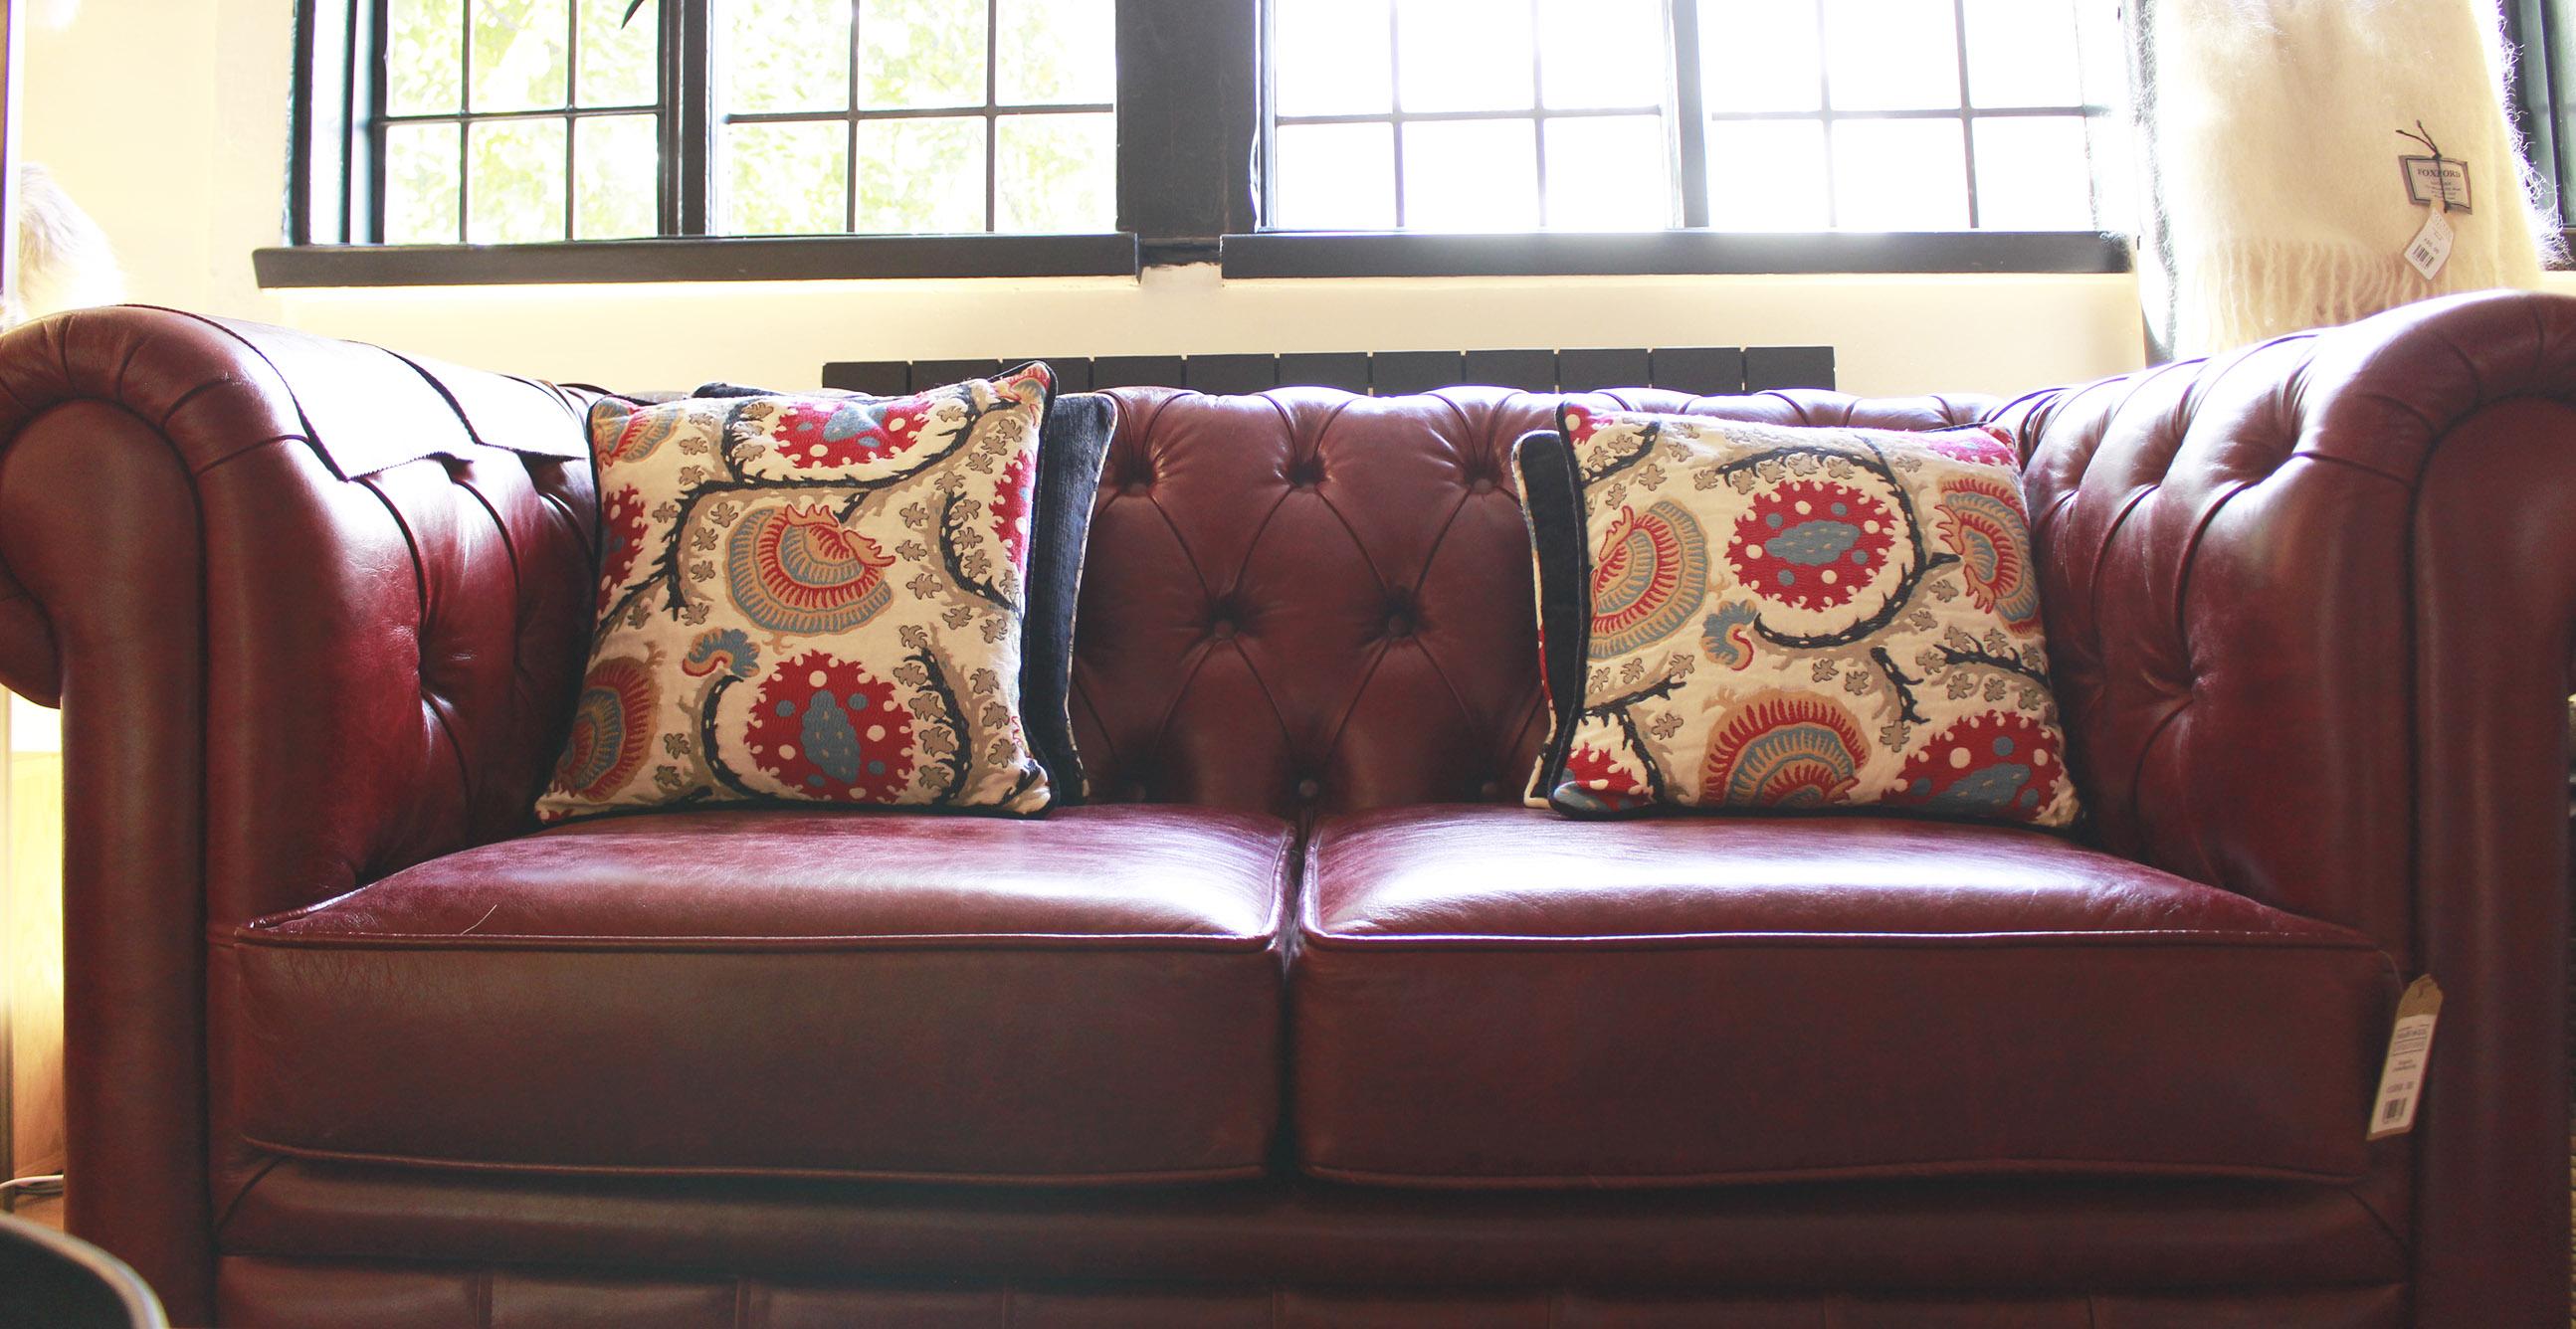 sofa, cushions